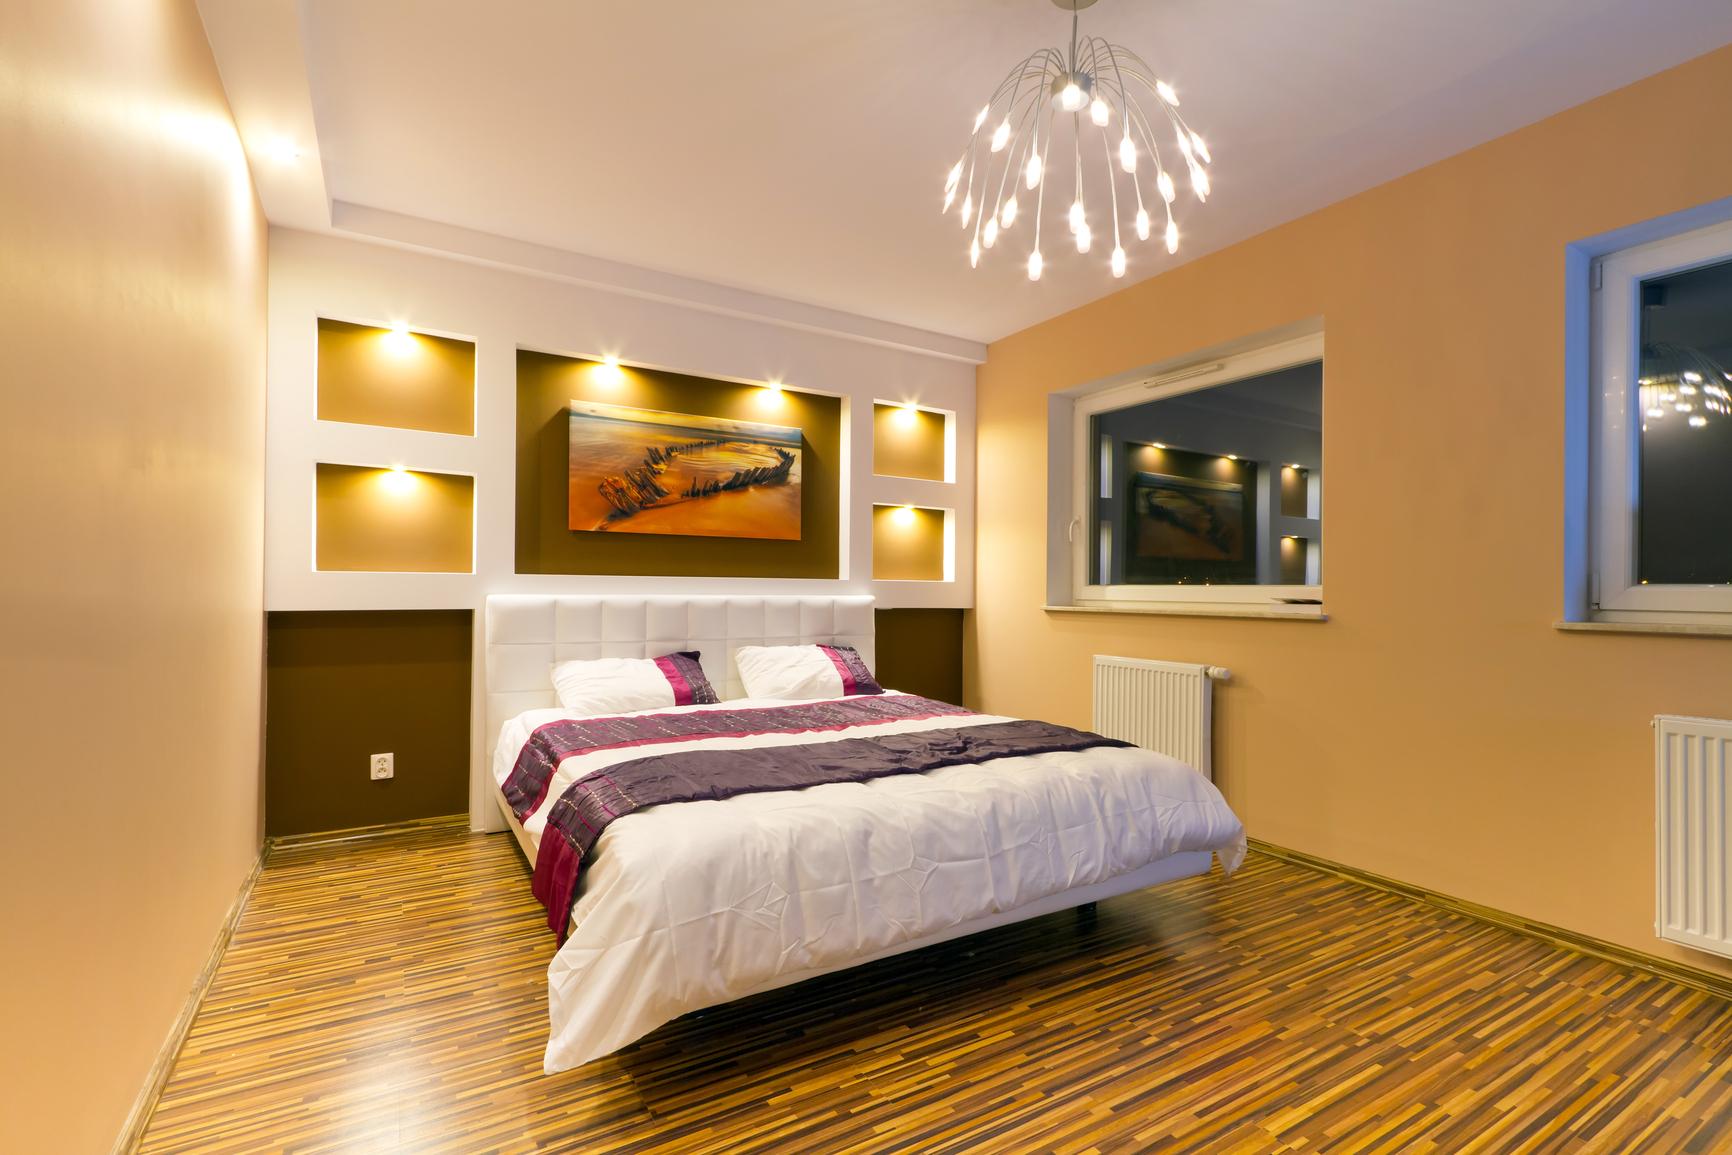 Посмотреть дизайн спальни фото